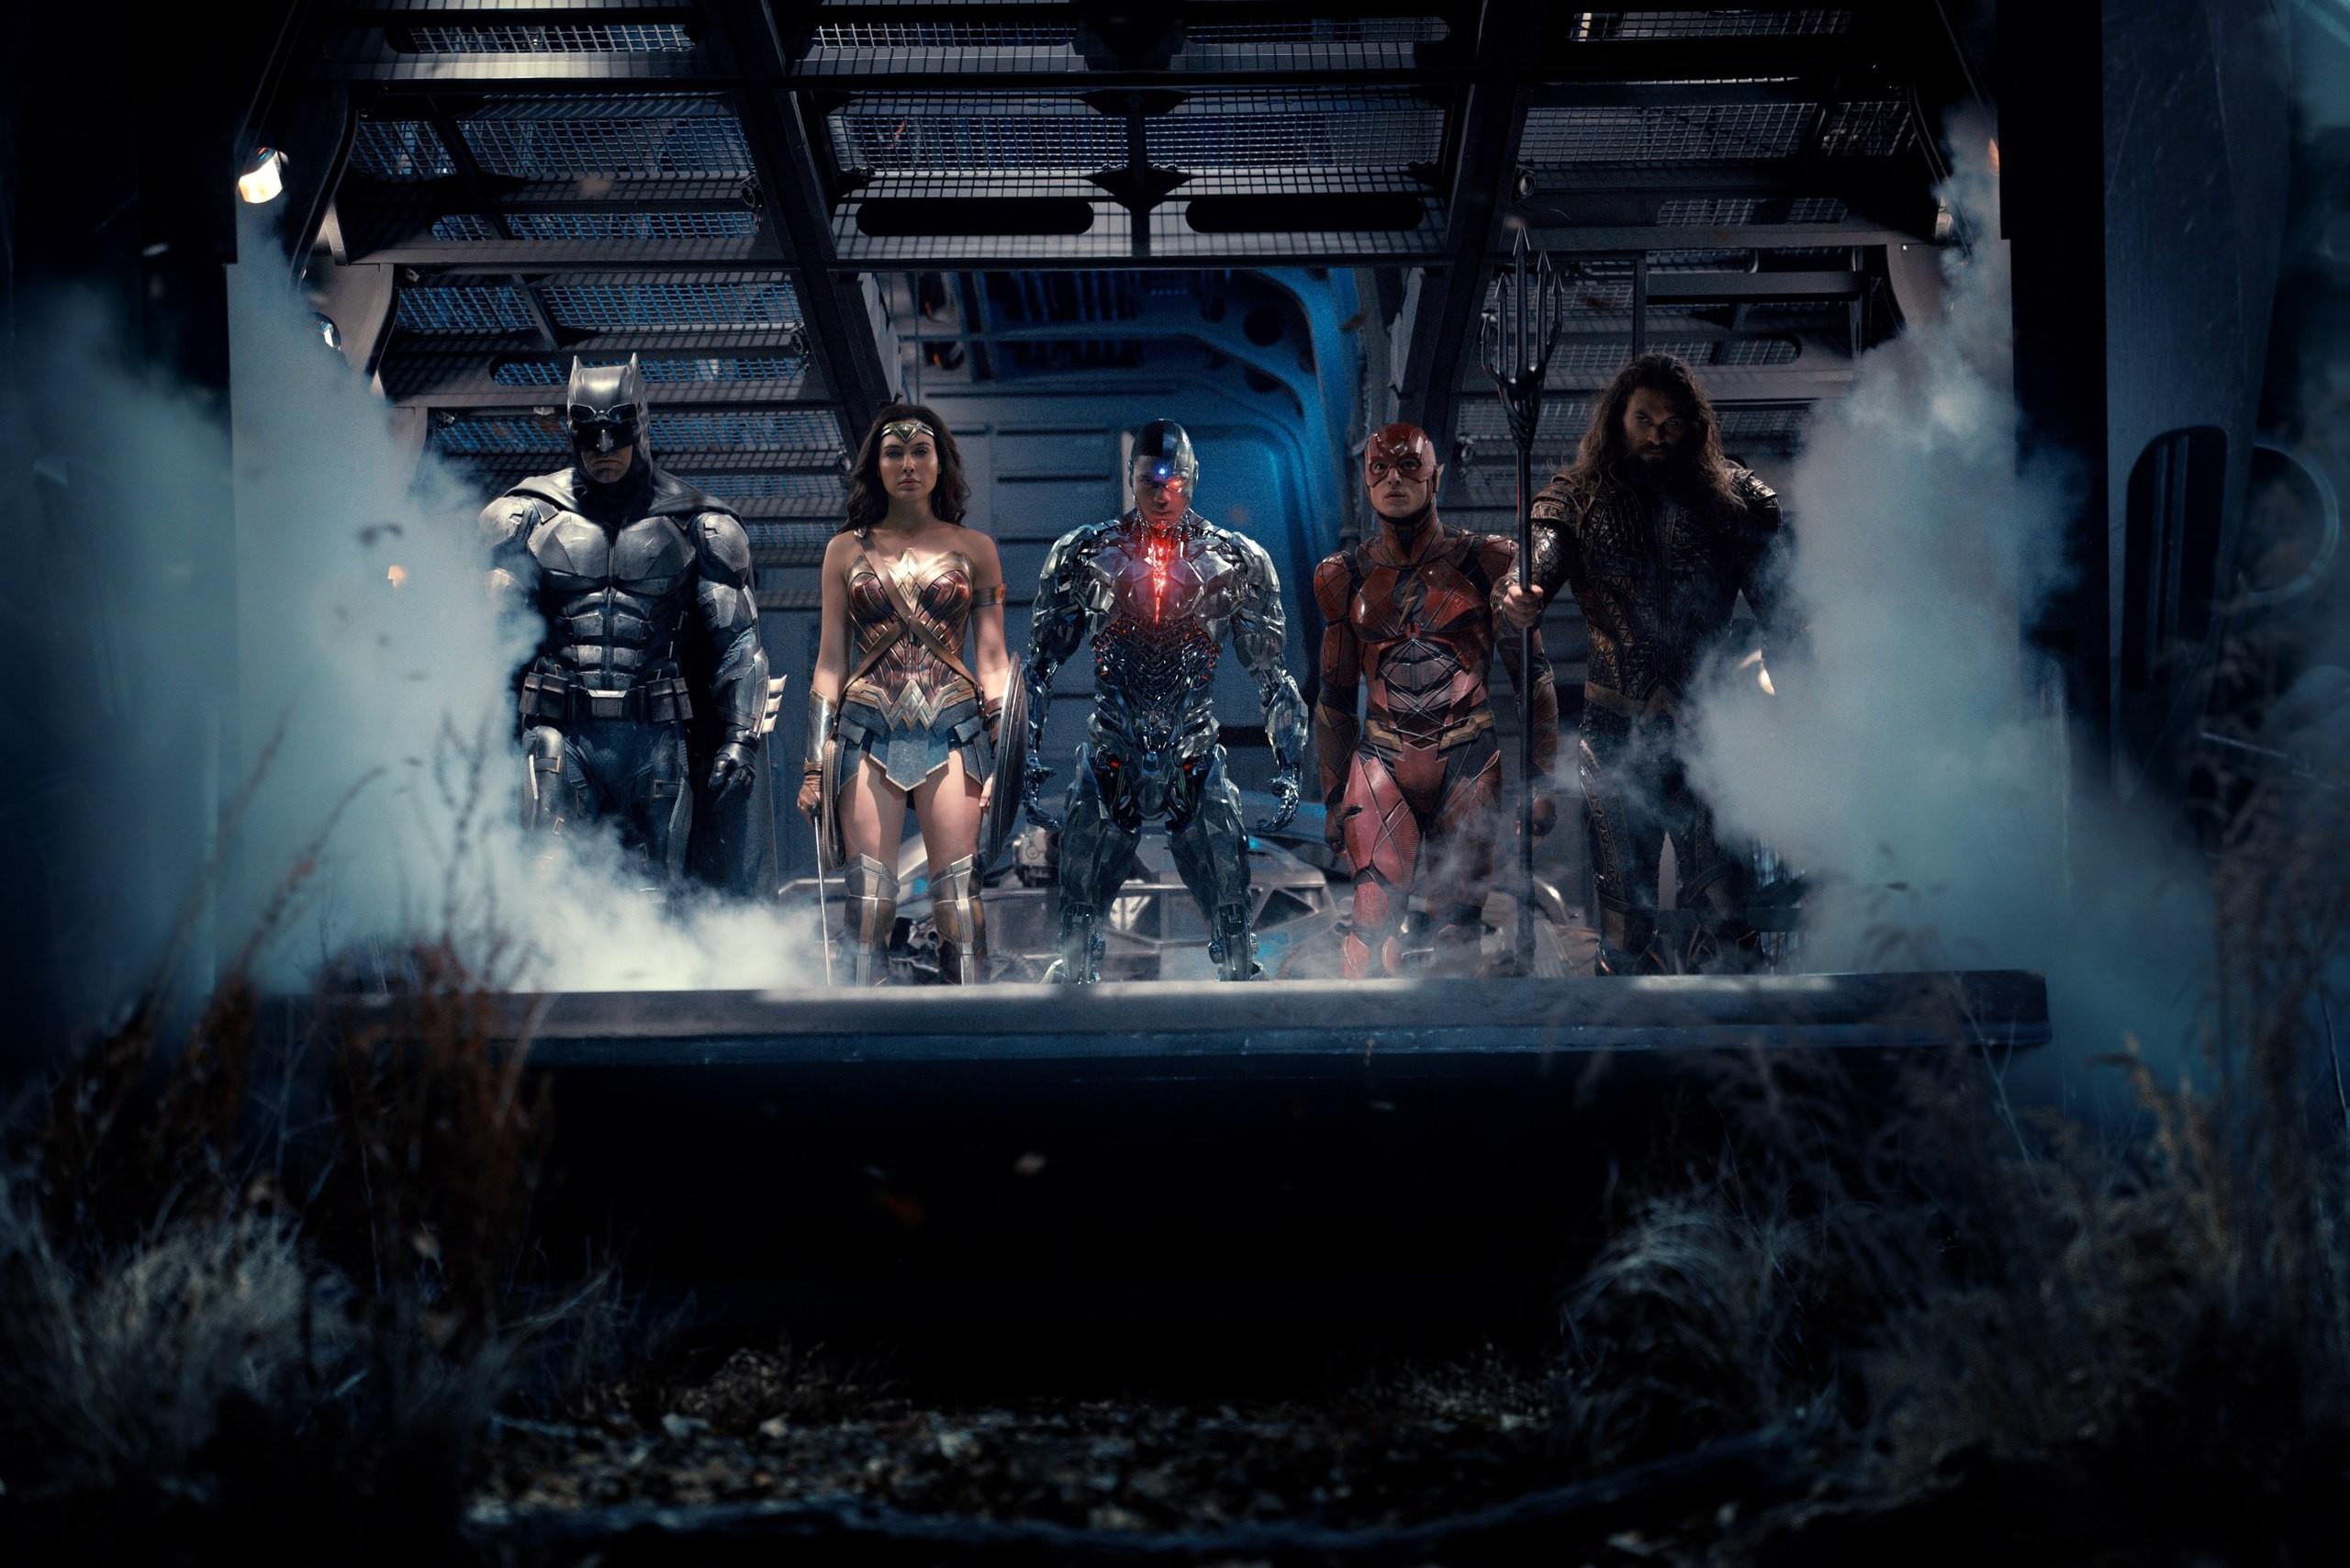 Кадр N132305 из фильма Лига справедливости: Часть 1 / Justice League (2017)